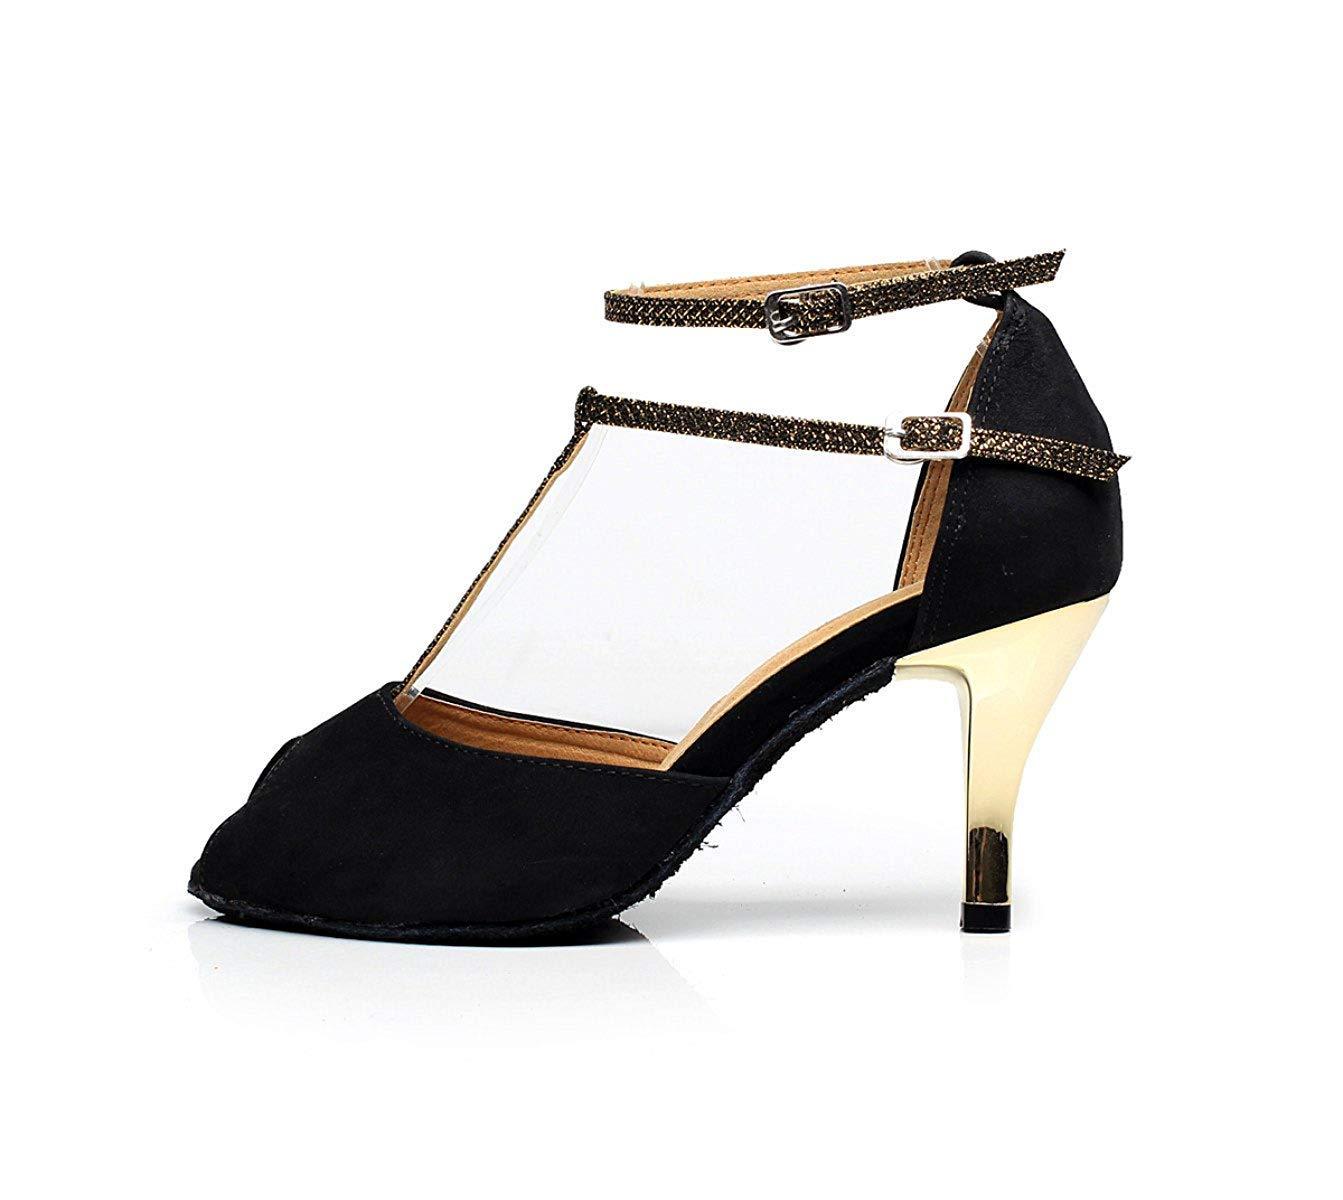 Damen T-Strap Tanzschuhe Salsa Tango Chacha Samba Modern Jazz Schuhe Schwarz-Absatz7.5cm-DE2.5 Sandalen High Heels Schwarz-Absatz7.5cm-DE2.5 Schuhe   EU32   Our33 9be26b